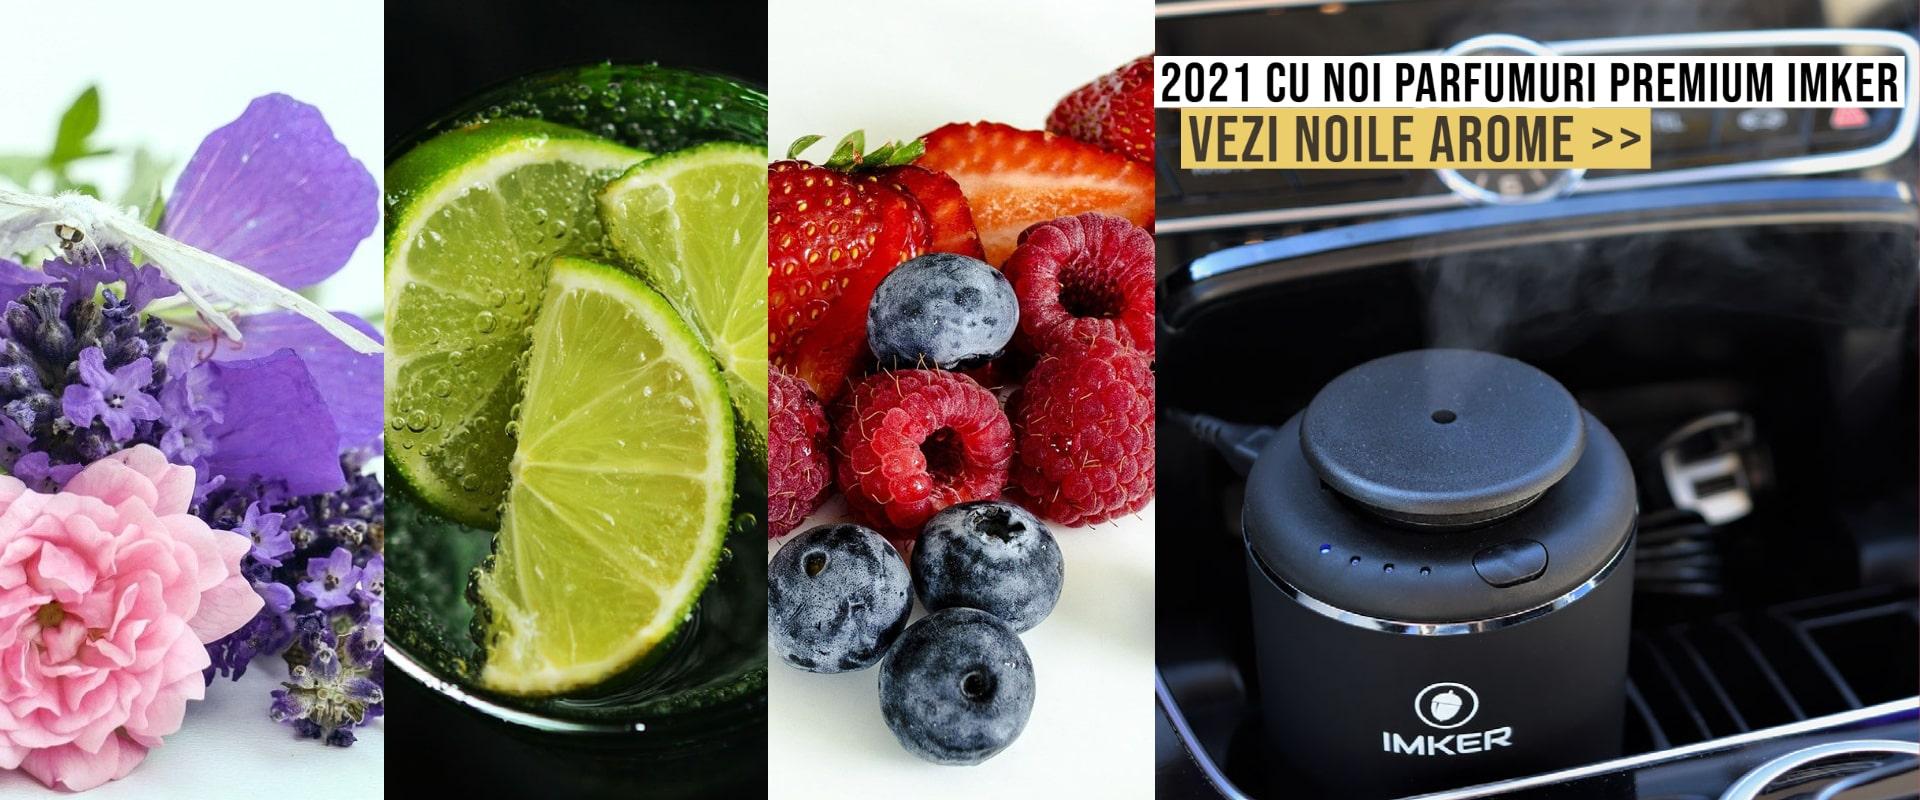 Incepe anul 2021 cu noi arome surprinzatoare!